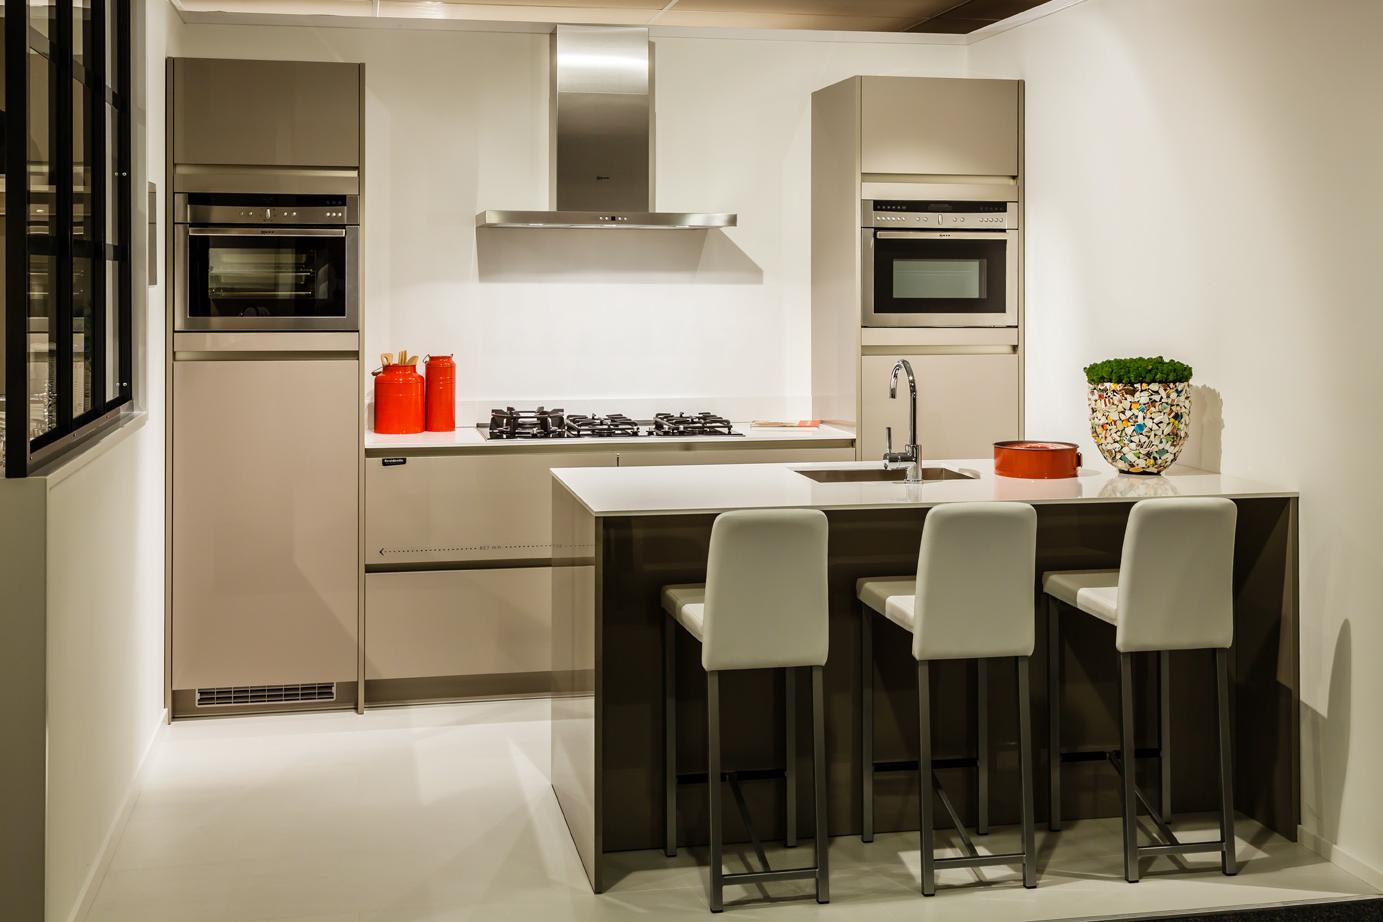 Design Keuken Merken : Design keuken met luxe apparatuur – DB Keukens